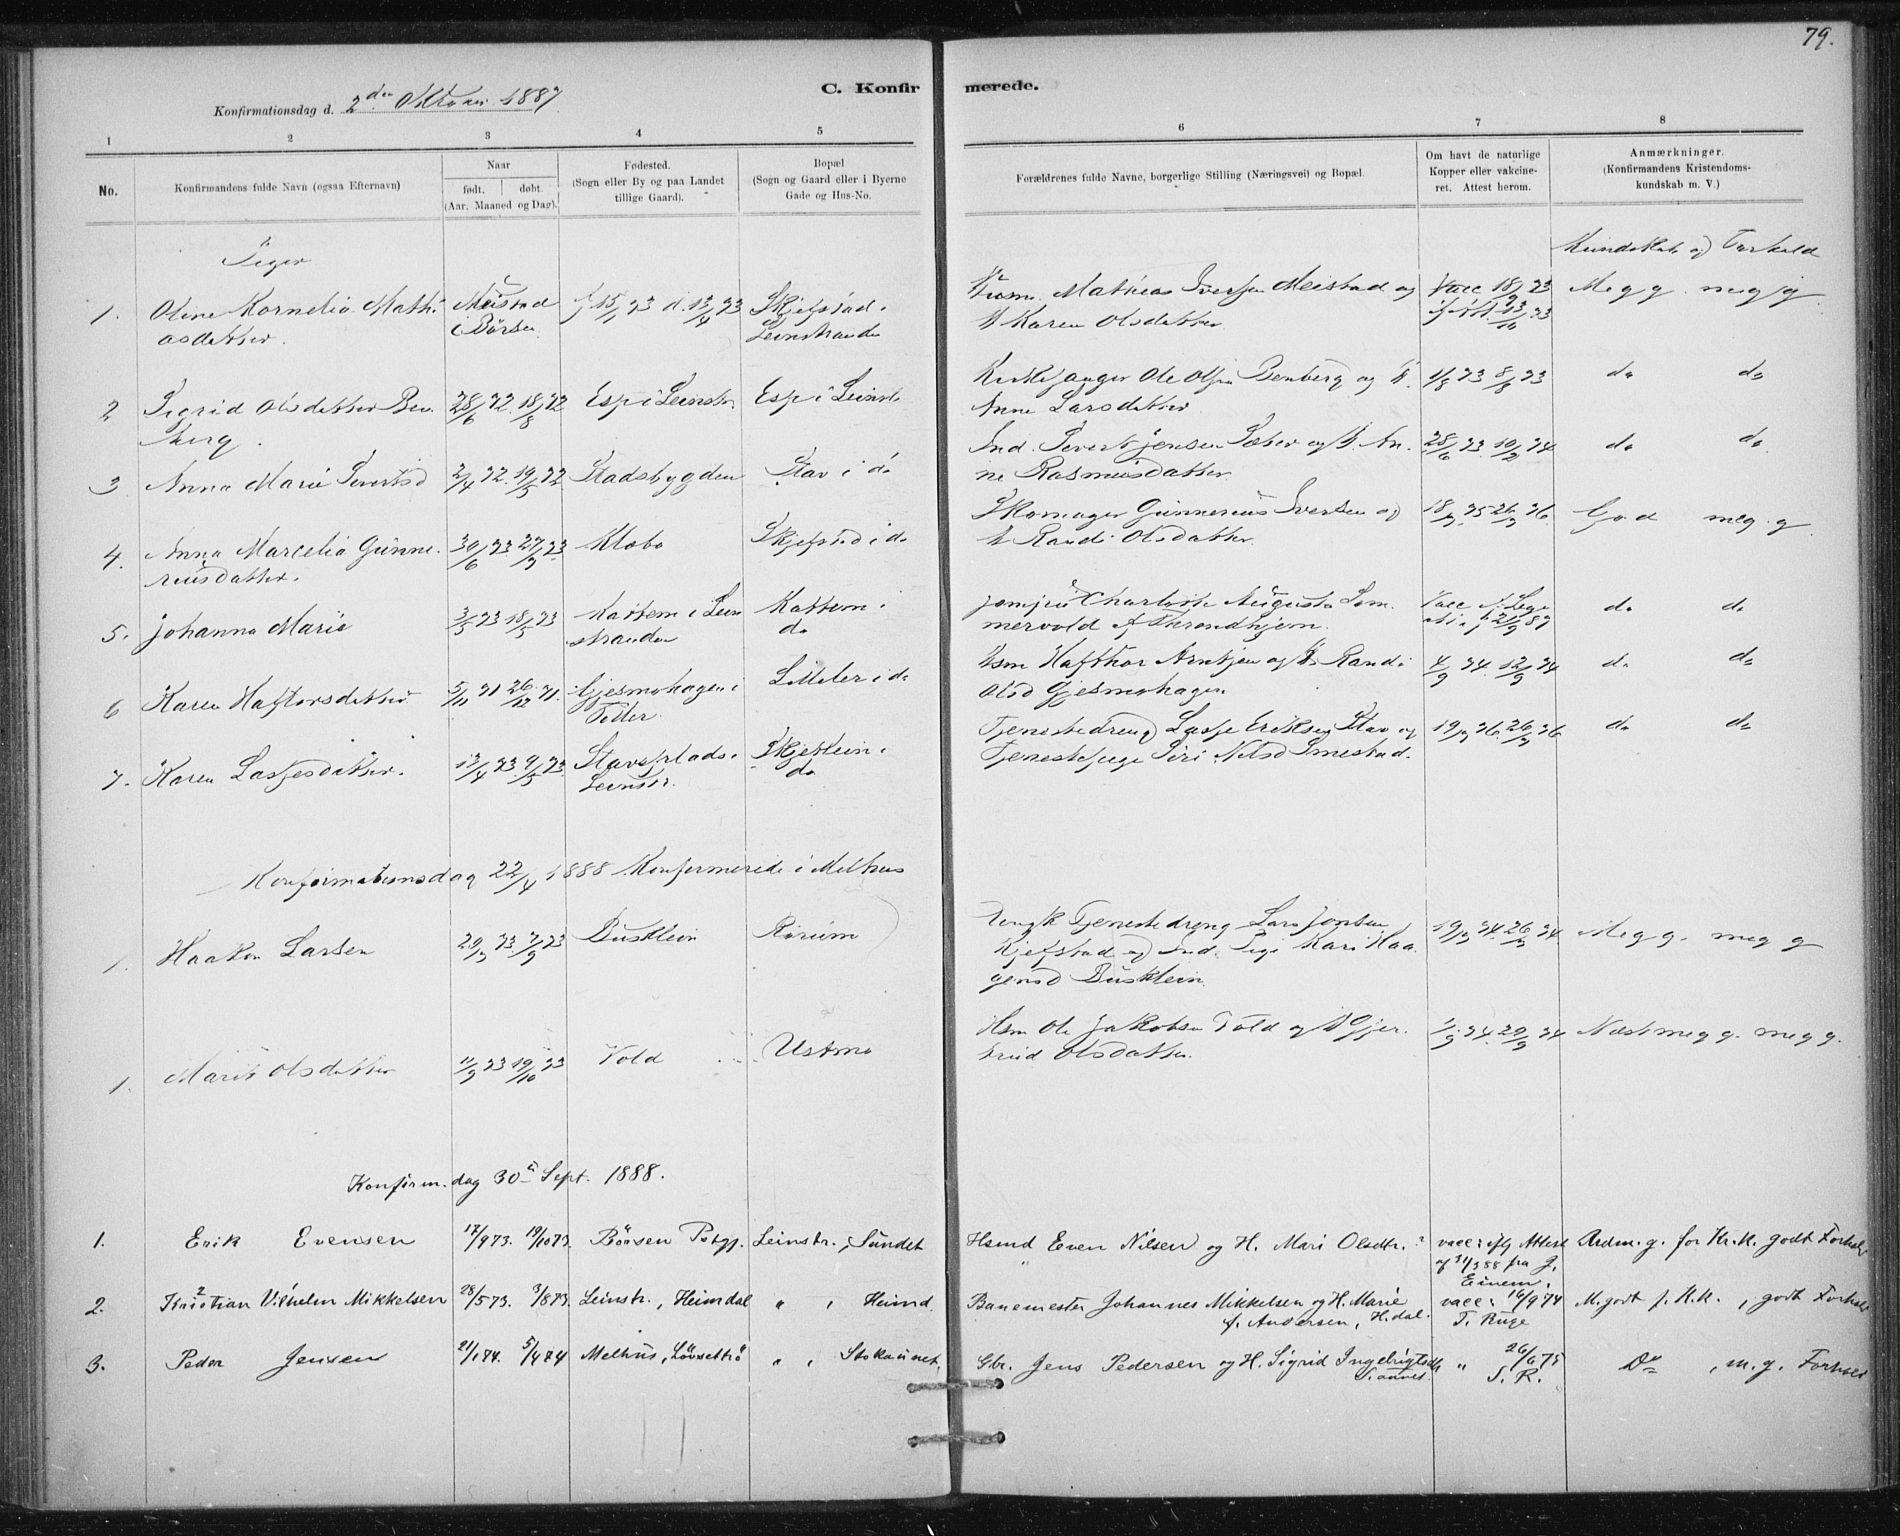 SAT, Ministerialprotokoller, klokkerbøker og fødselsregistre - Sør-Trøndelag, 613/L0392: Ministerialbok nr. 613A01, 1887-1906, s. 79